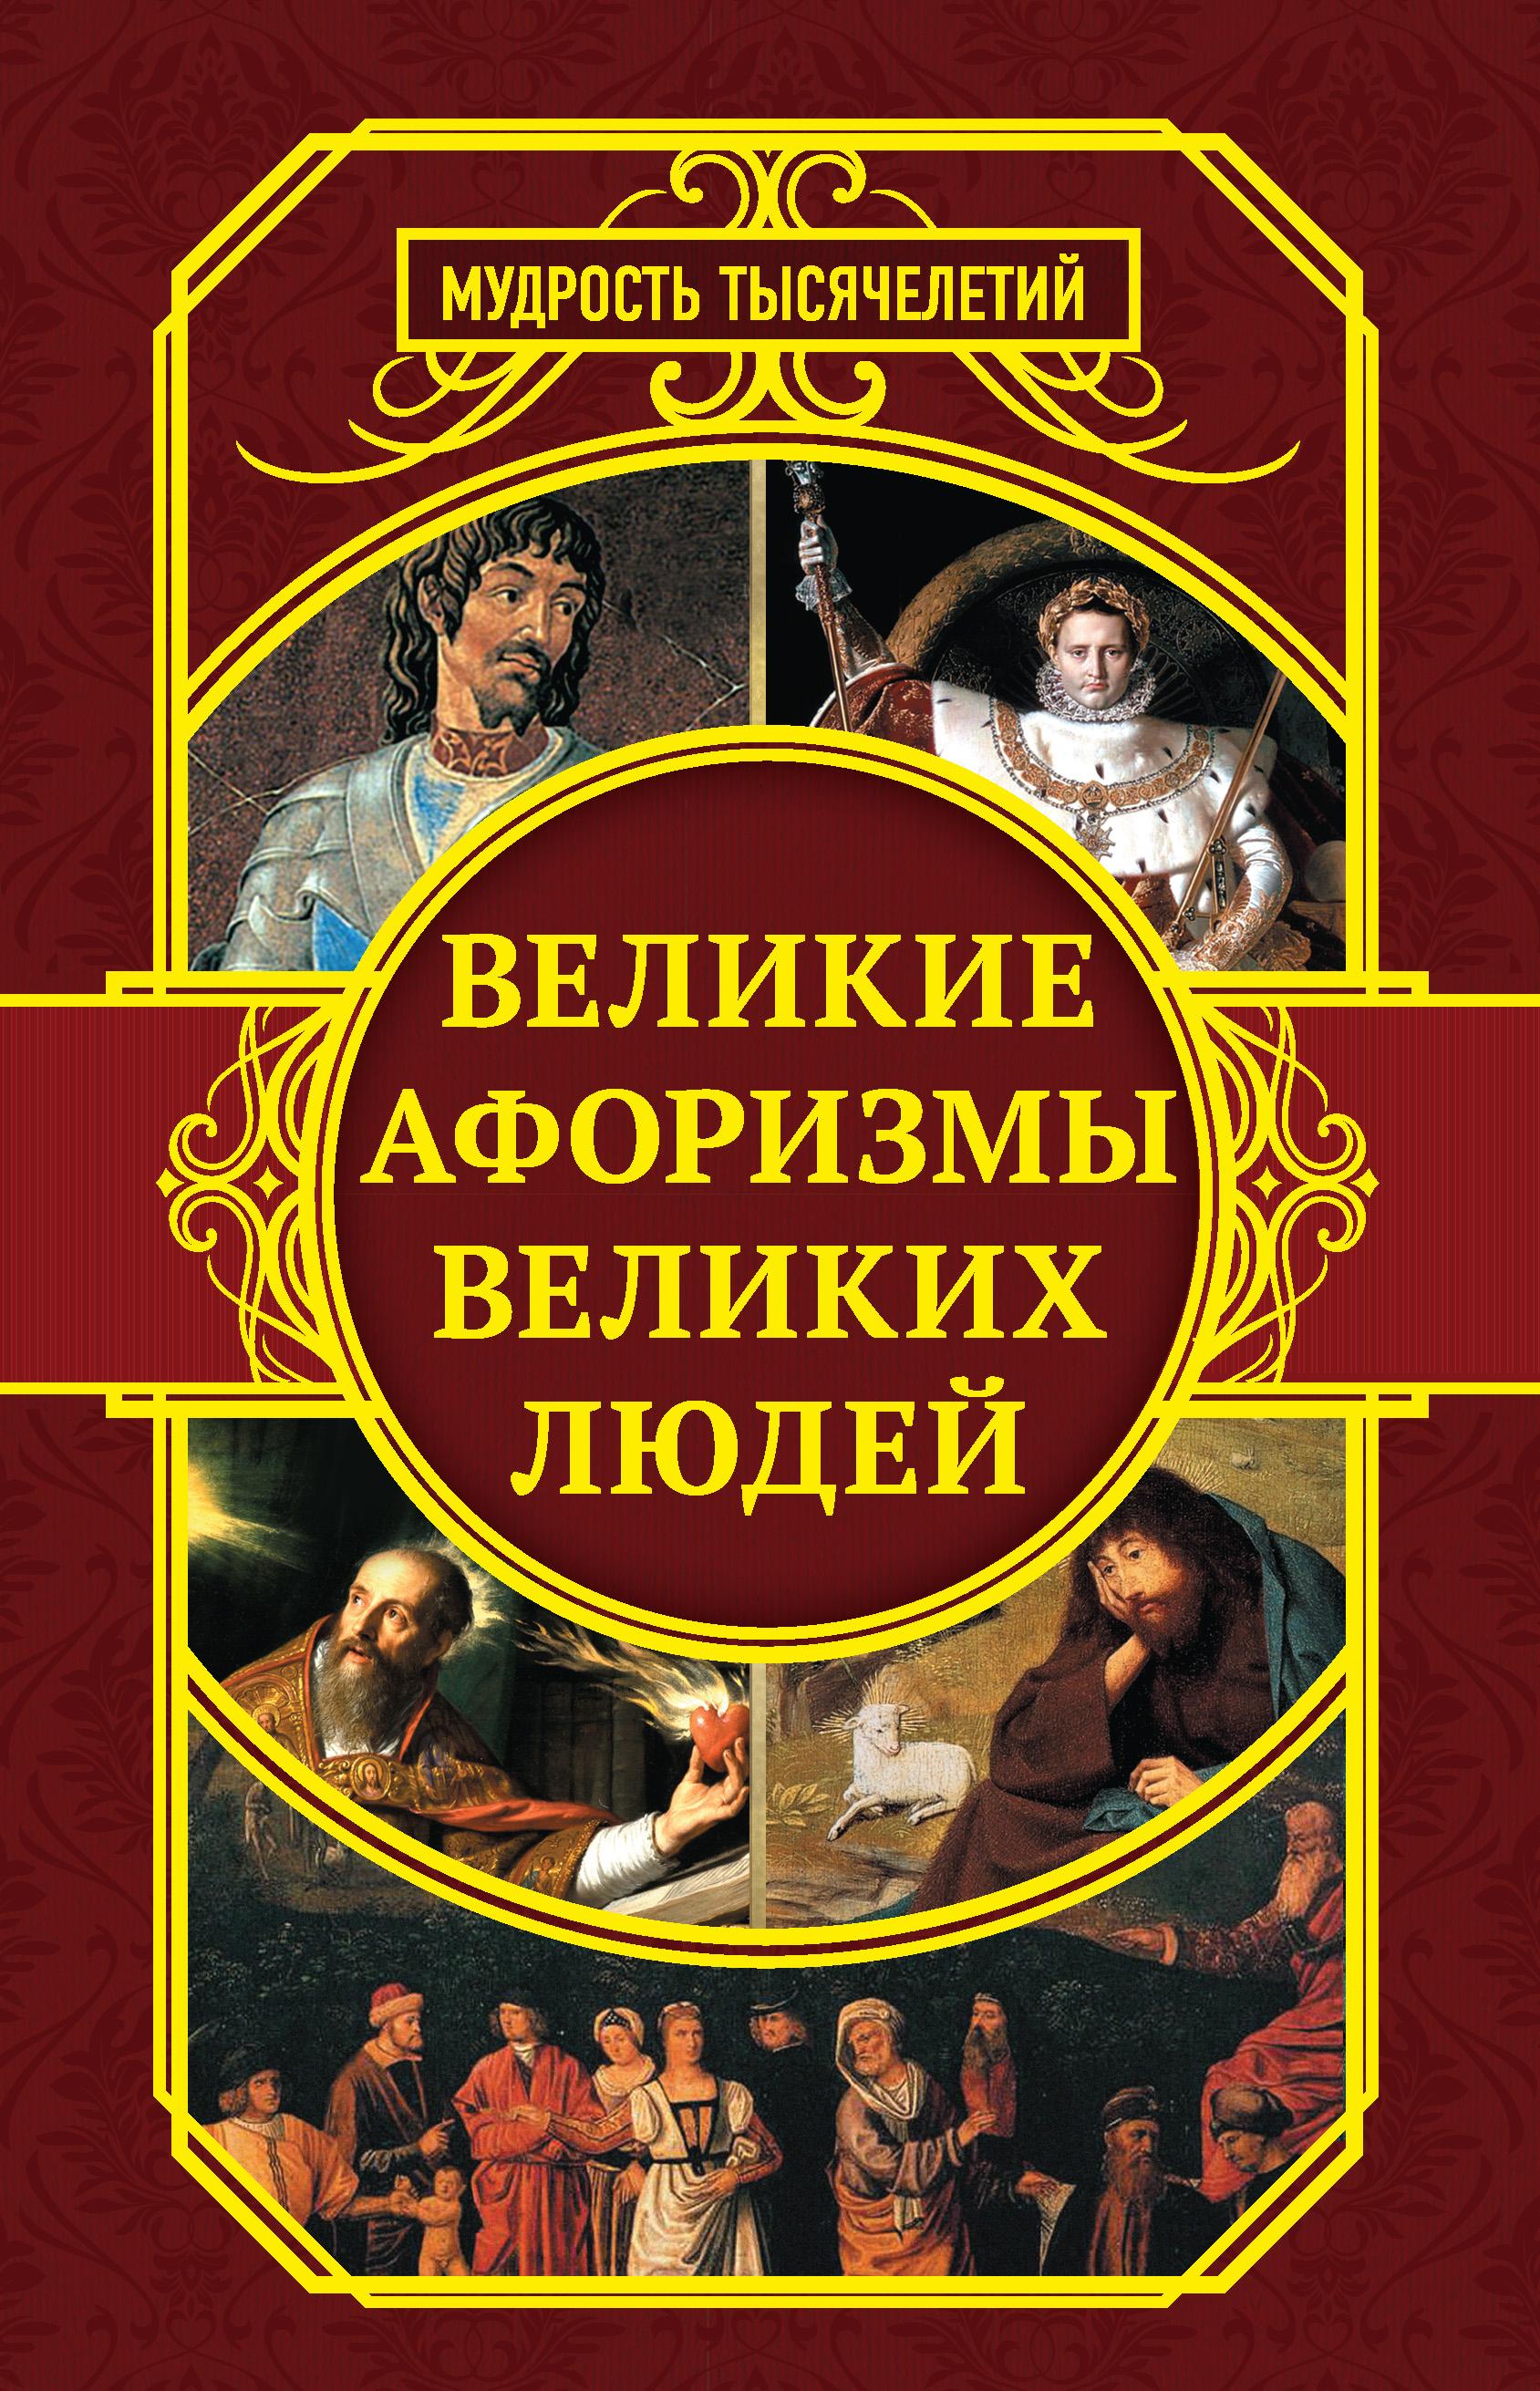 Купить книгу Великие афоризмы великих людей, автора Сборника